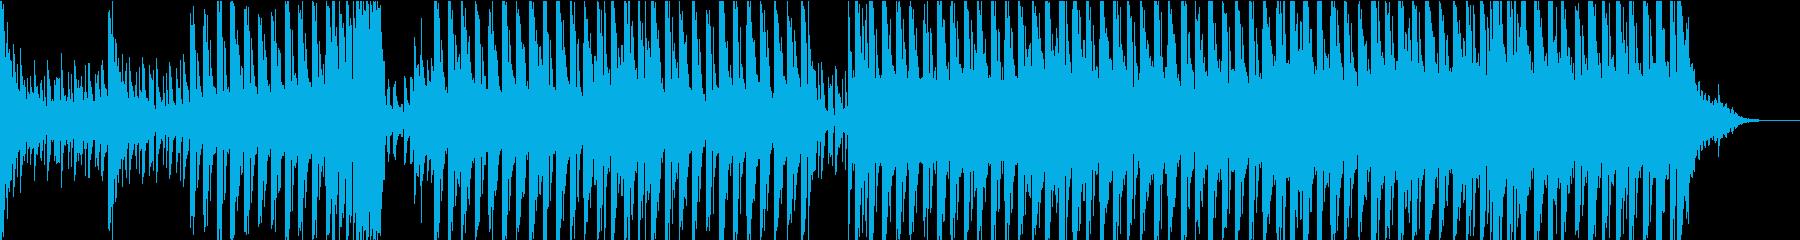 パワフルでクールなシンセ・EDM・テクノの再生済みの波形